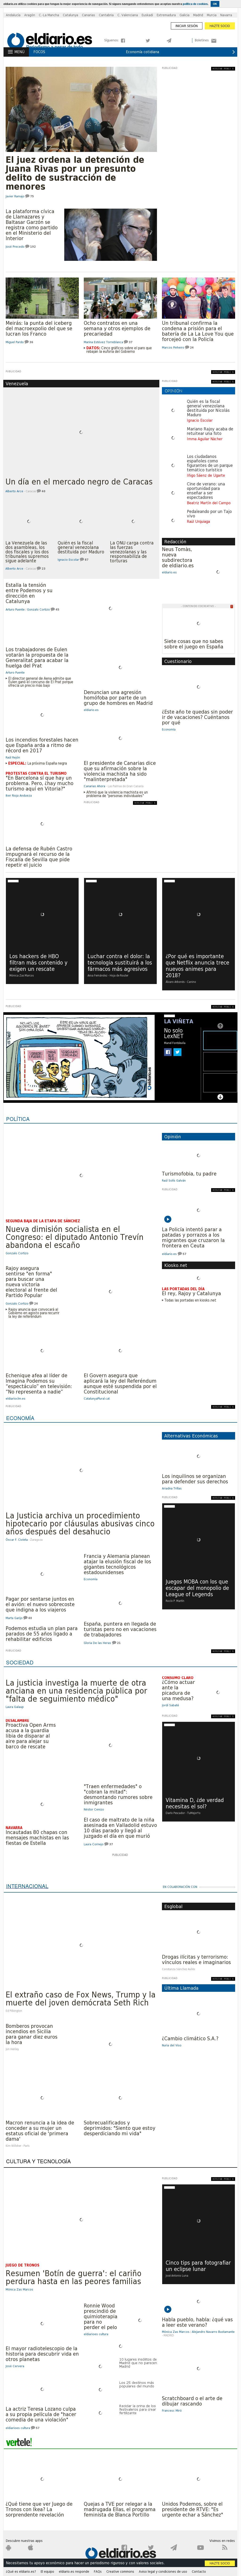 El Diario at Tuesday Aug. 8, 2017, 4:04 p.m. UTC